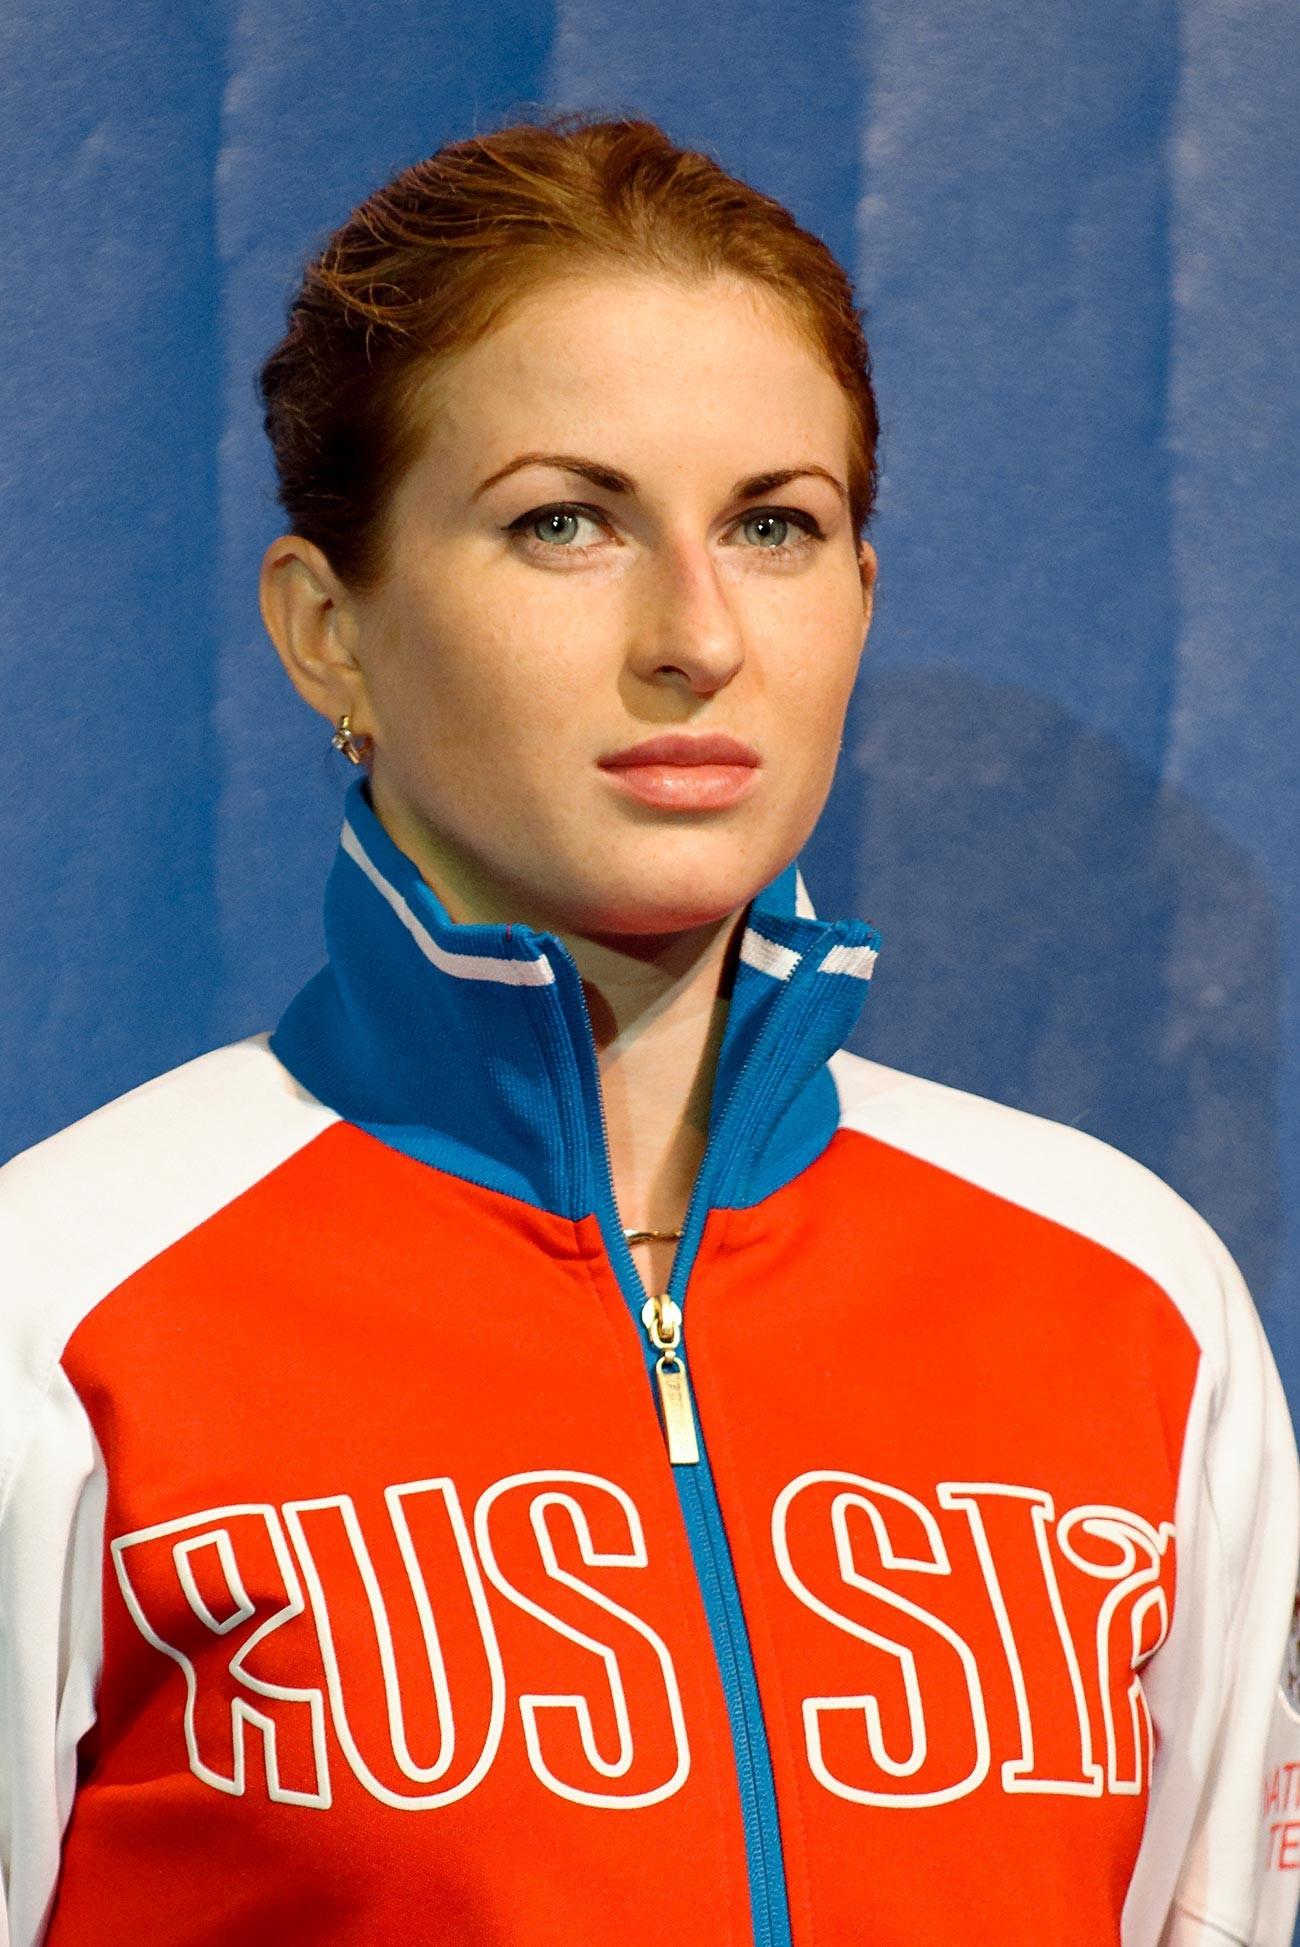 Inna Deriglazova no pódio feminino do Campeonato Mundial de Esgrima de 2013, em Budapeste